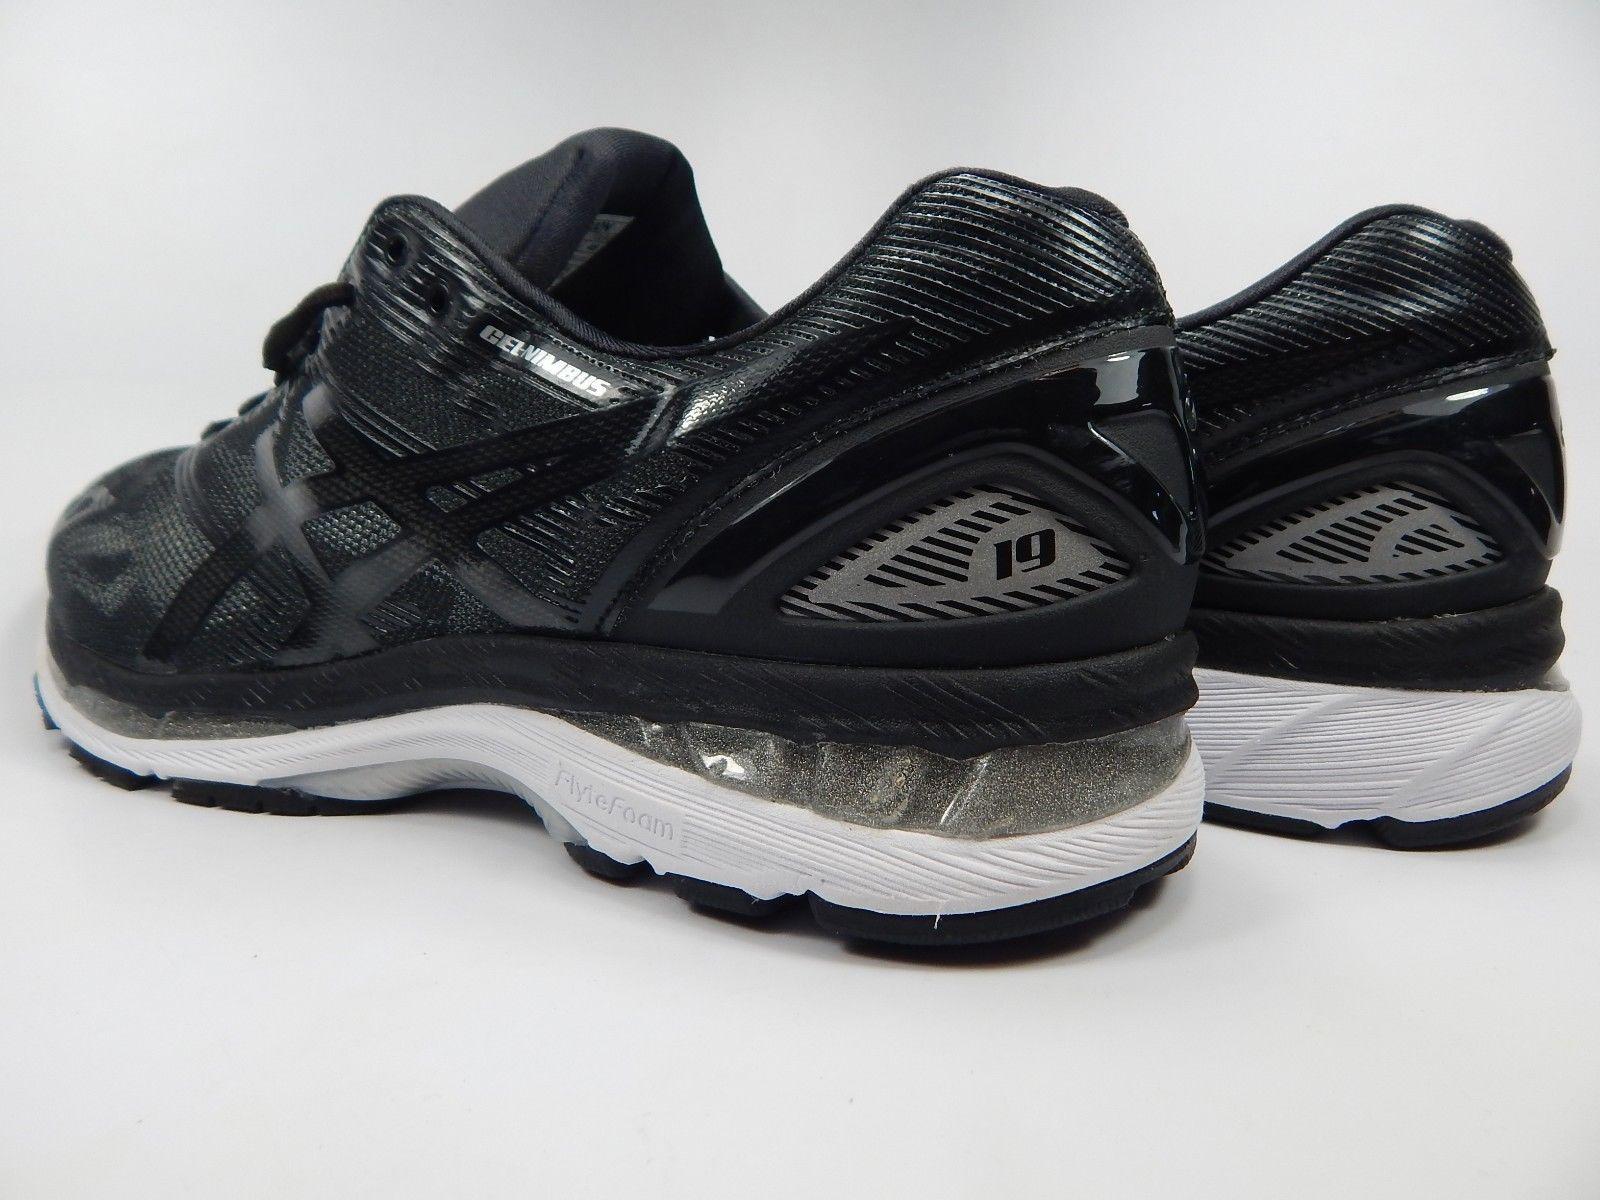 Chaussures Chaussures de US course Asics Gel Nimbus 19 pour Nimbus Homme Taille: US M (D) EU b7449ac - alleyblooz.info